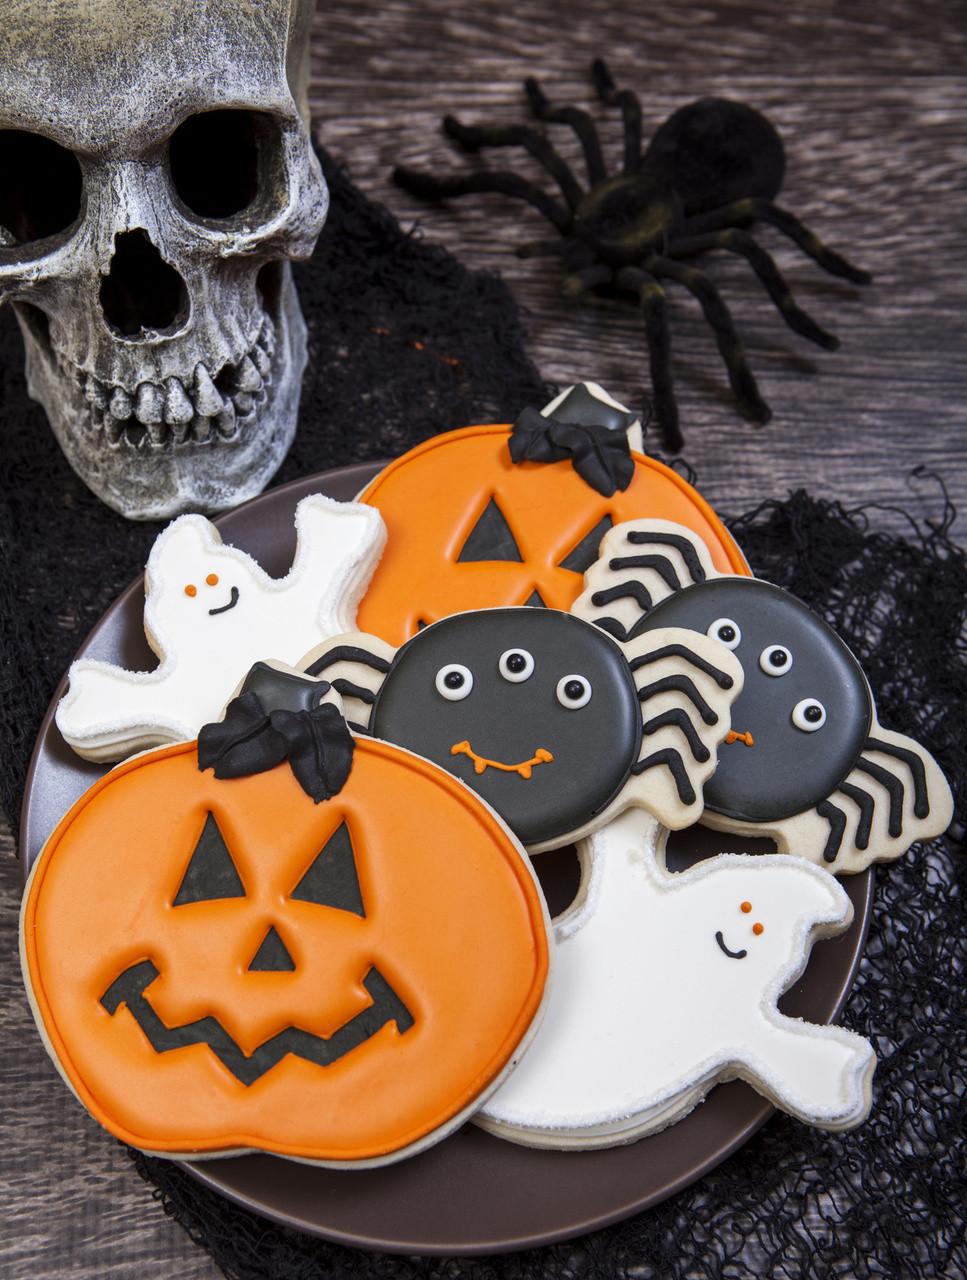 Halloween Decorated Cookies  Spooky Cookie Halloween Cookie Decorations